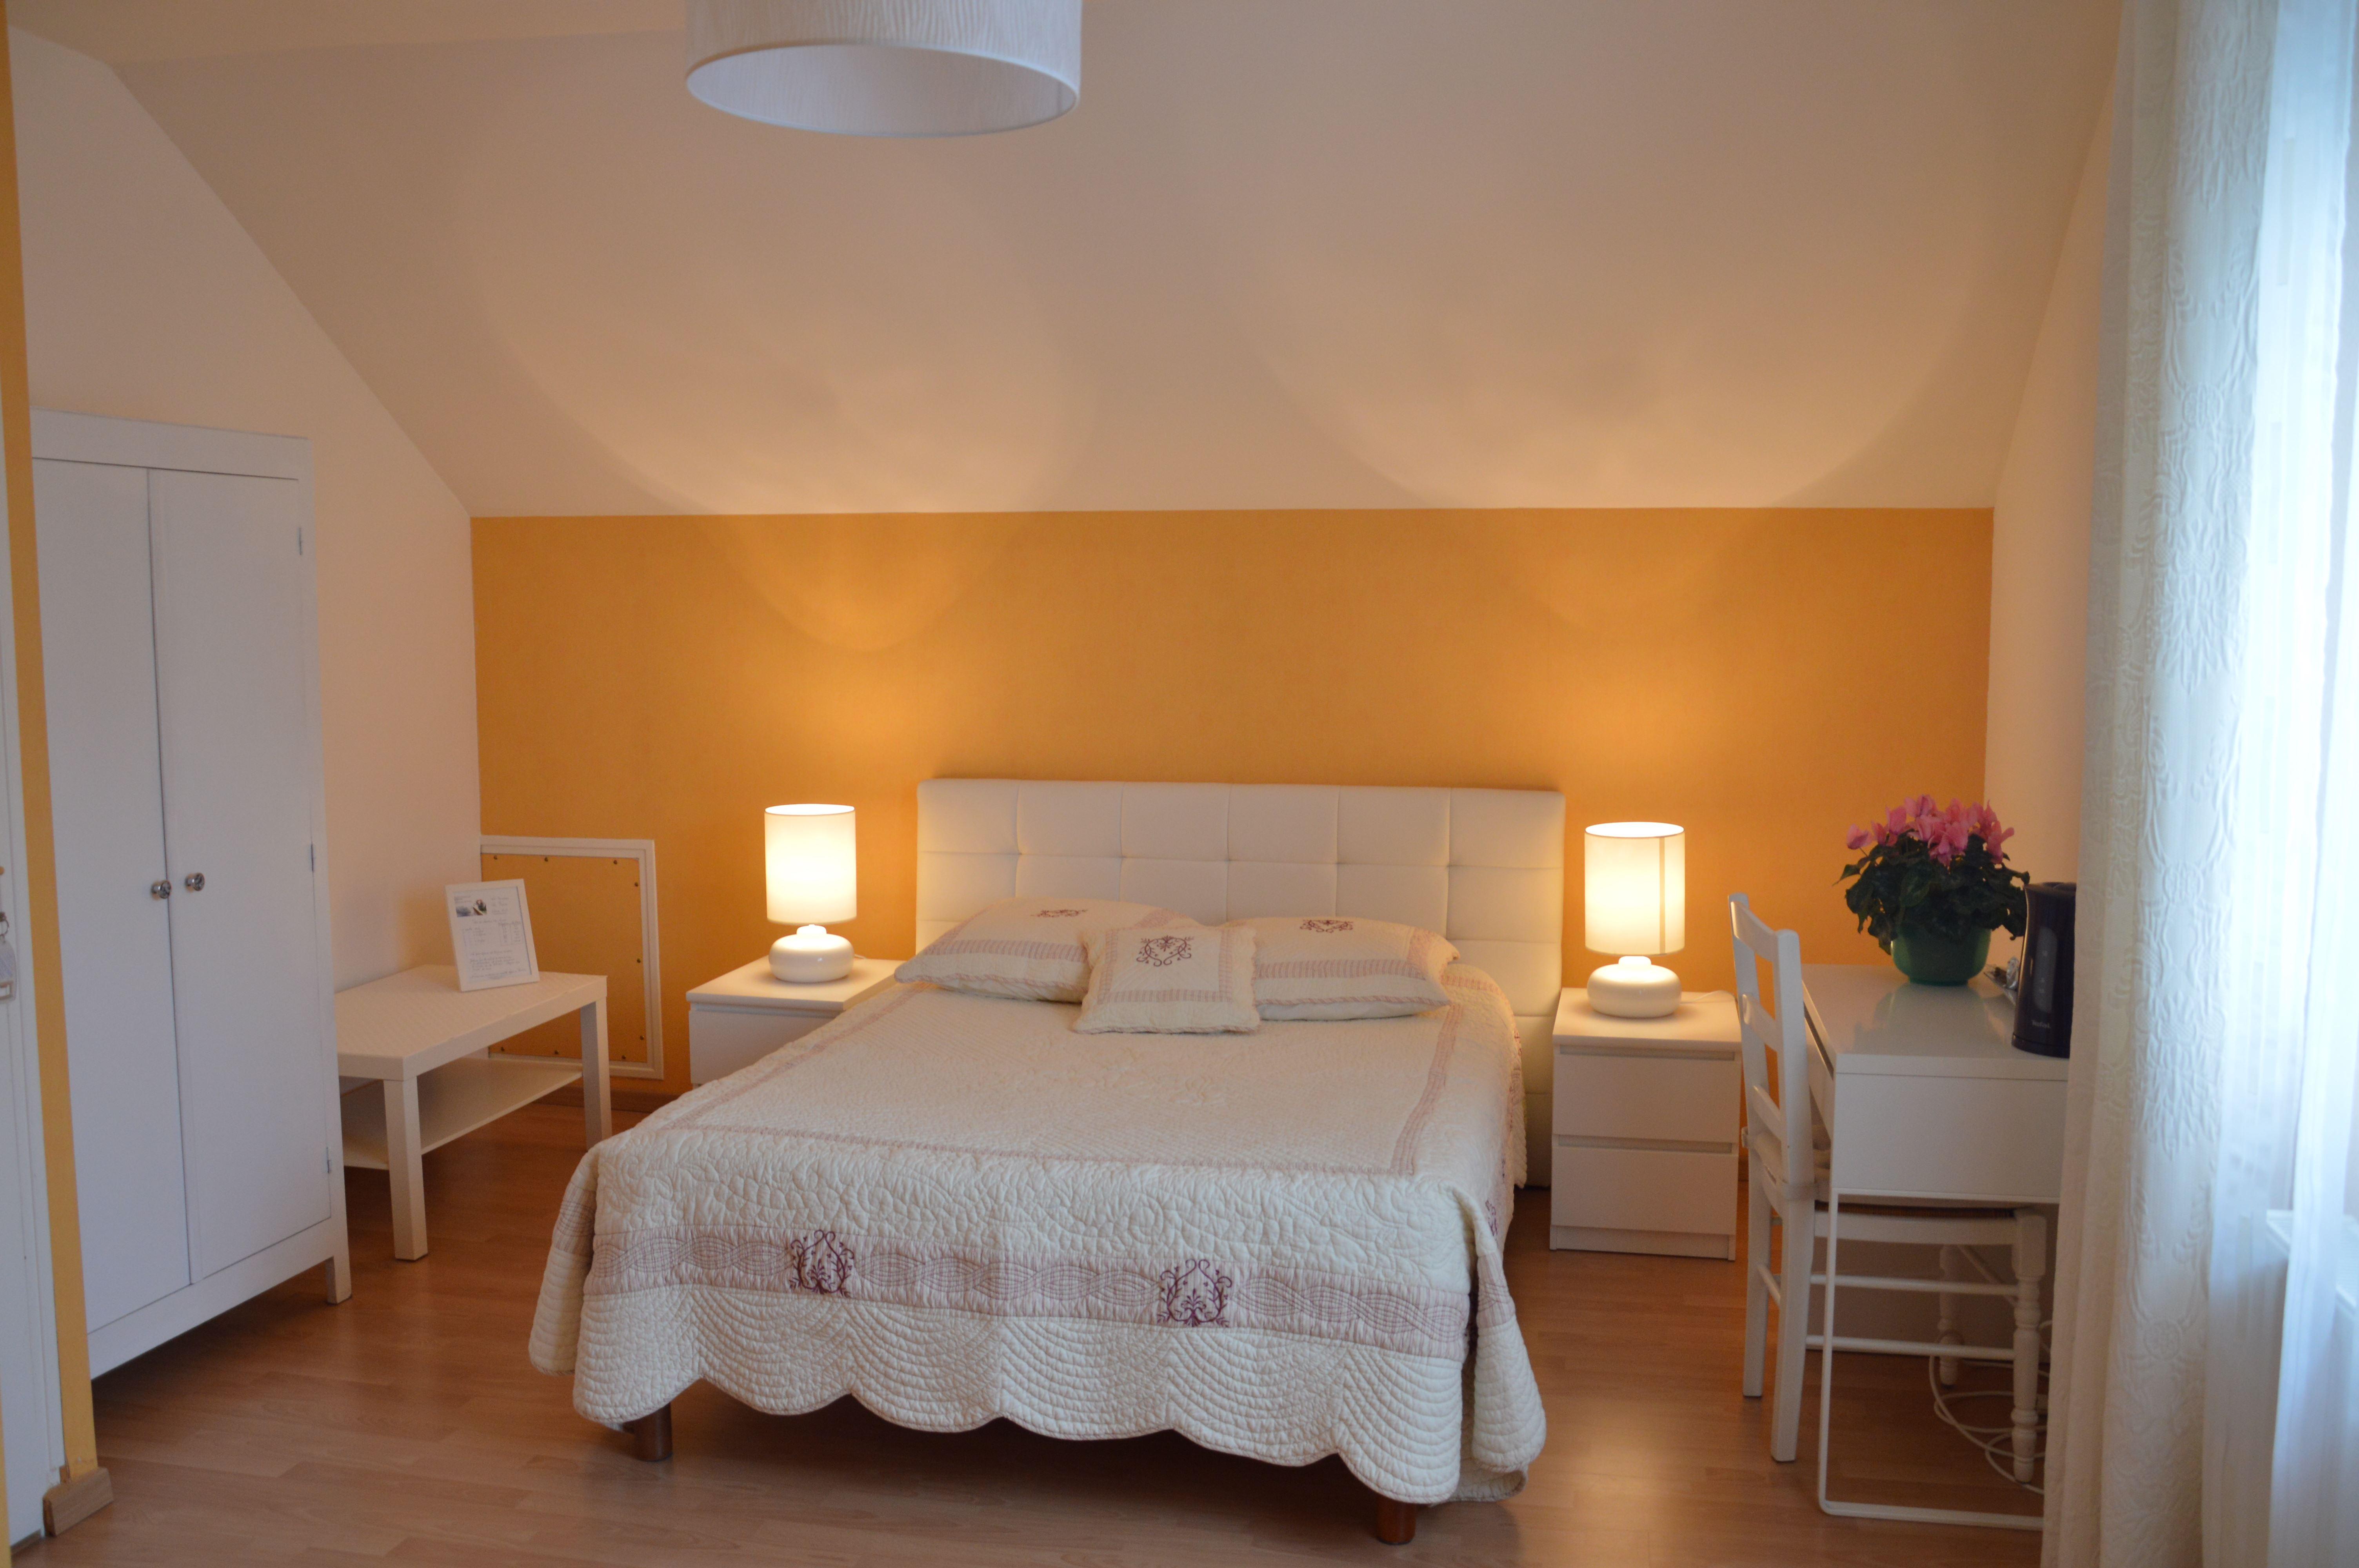 BED AND BREAKFAST LA JOCONDIENNE